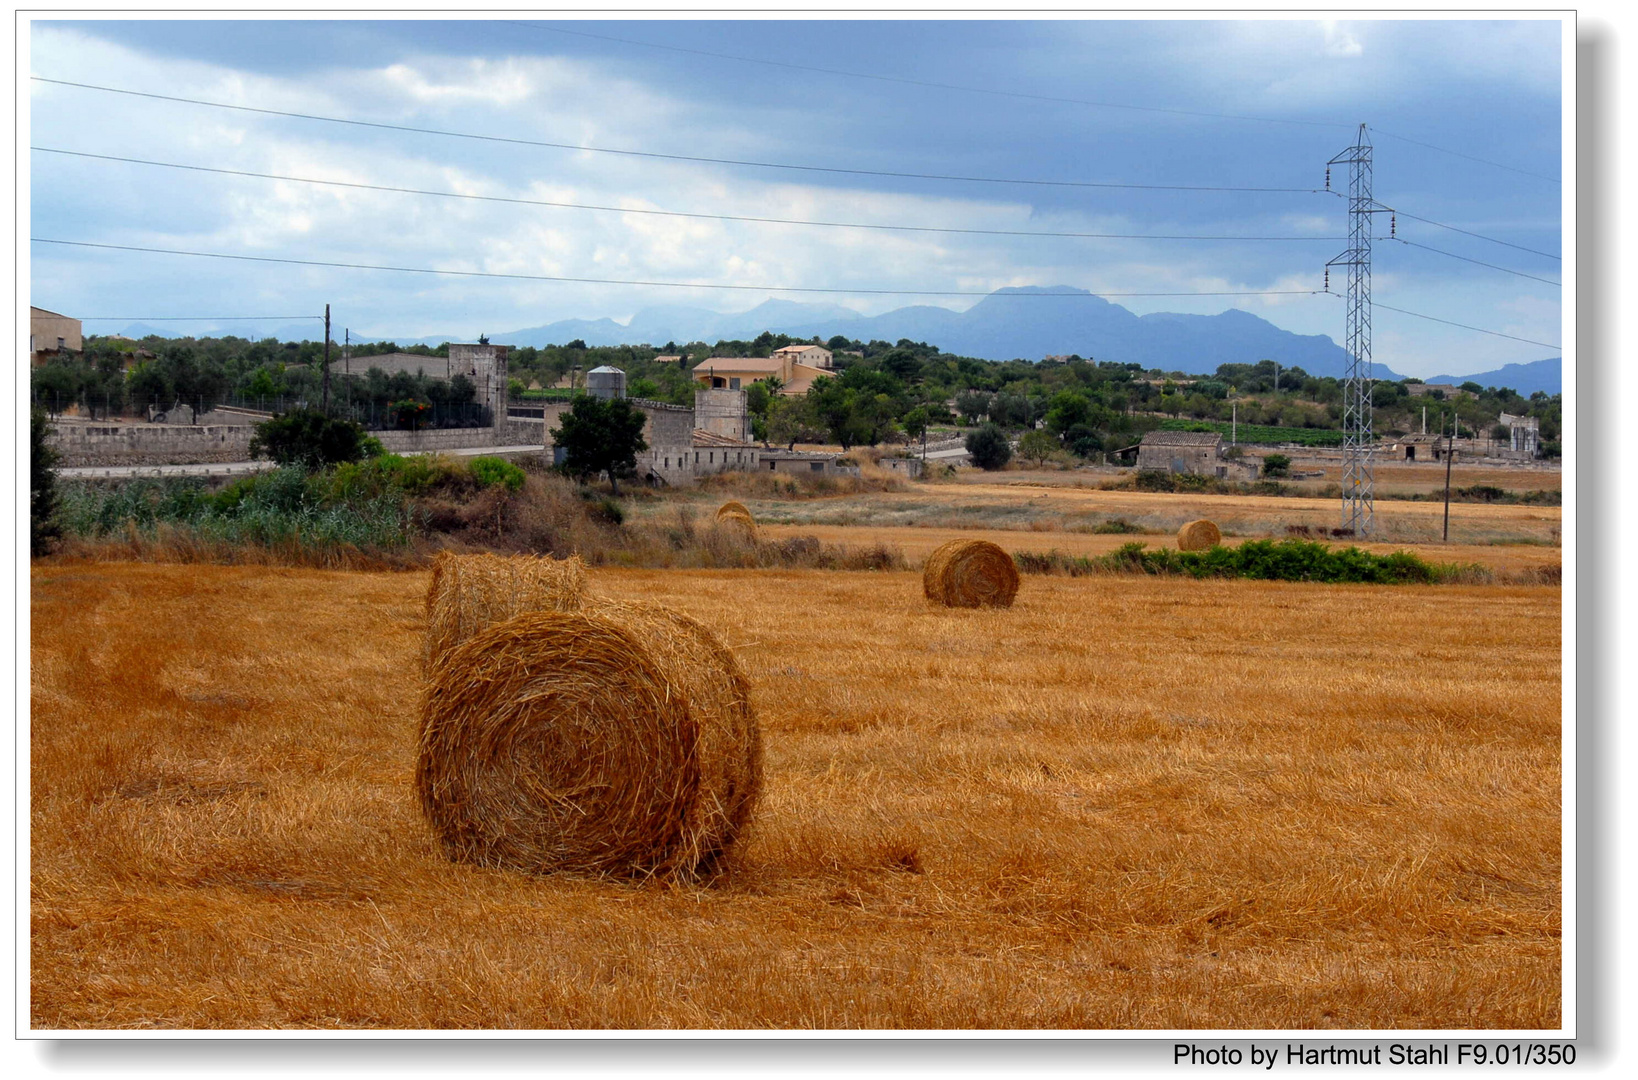 Mallorca, Landschaft bei Santa Margalida (paisaje alrededor de Santa Margalida)